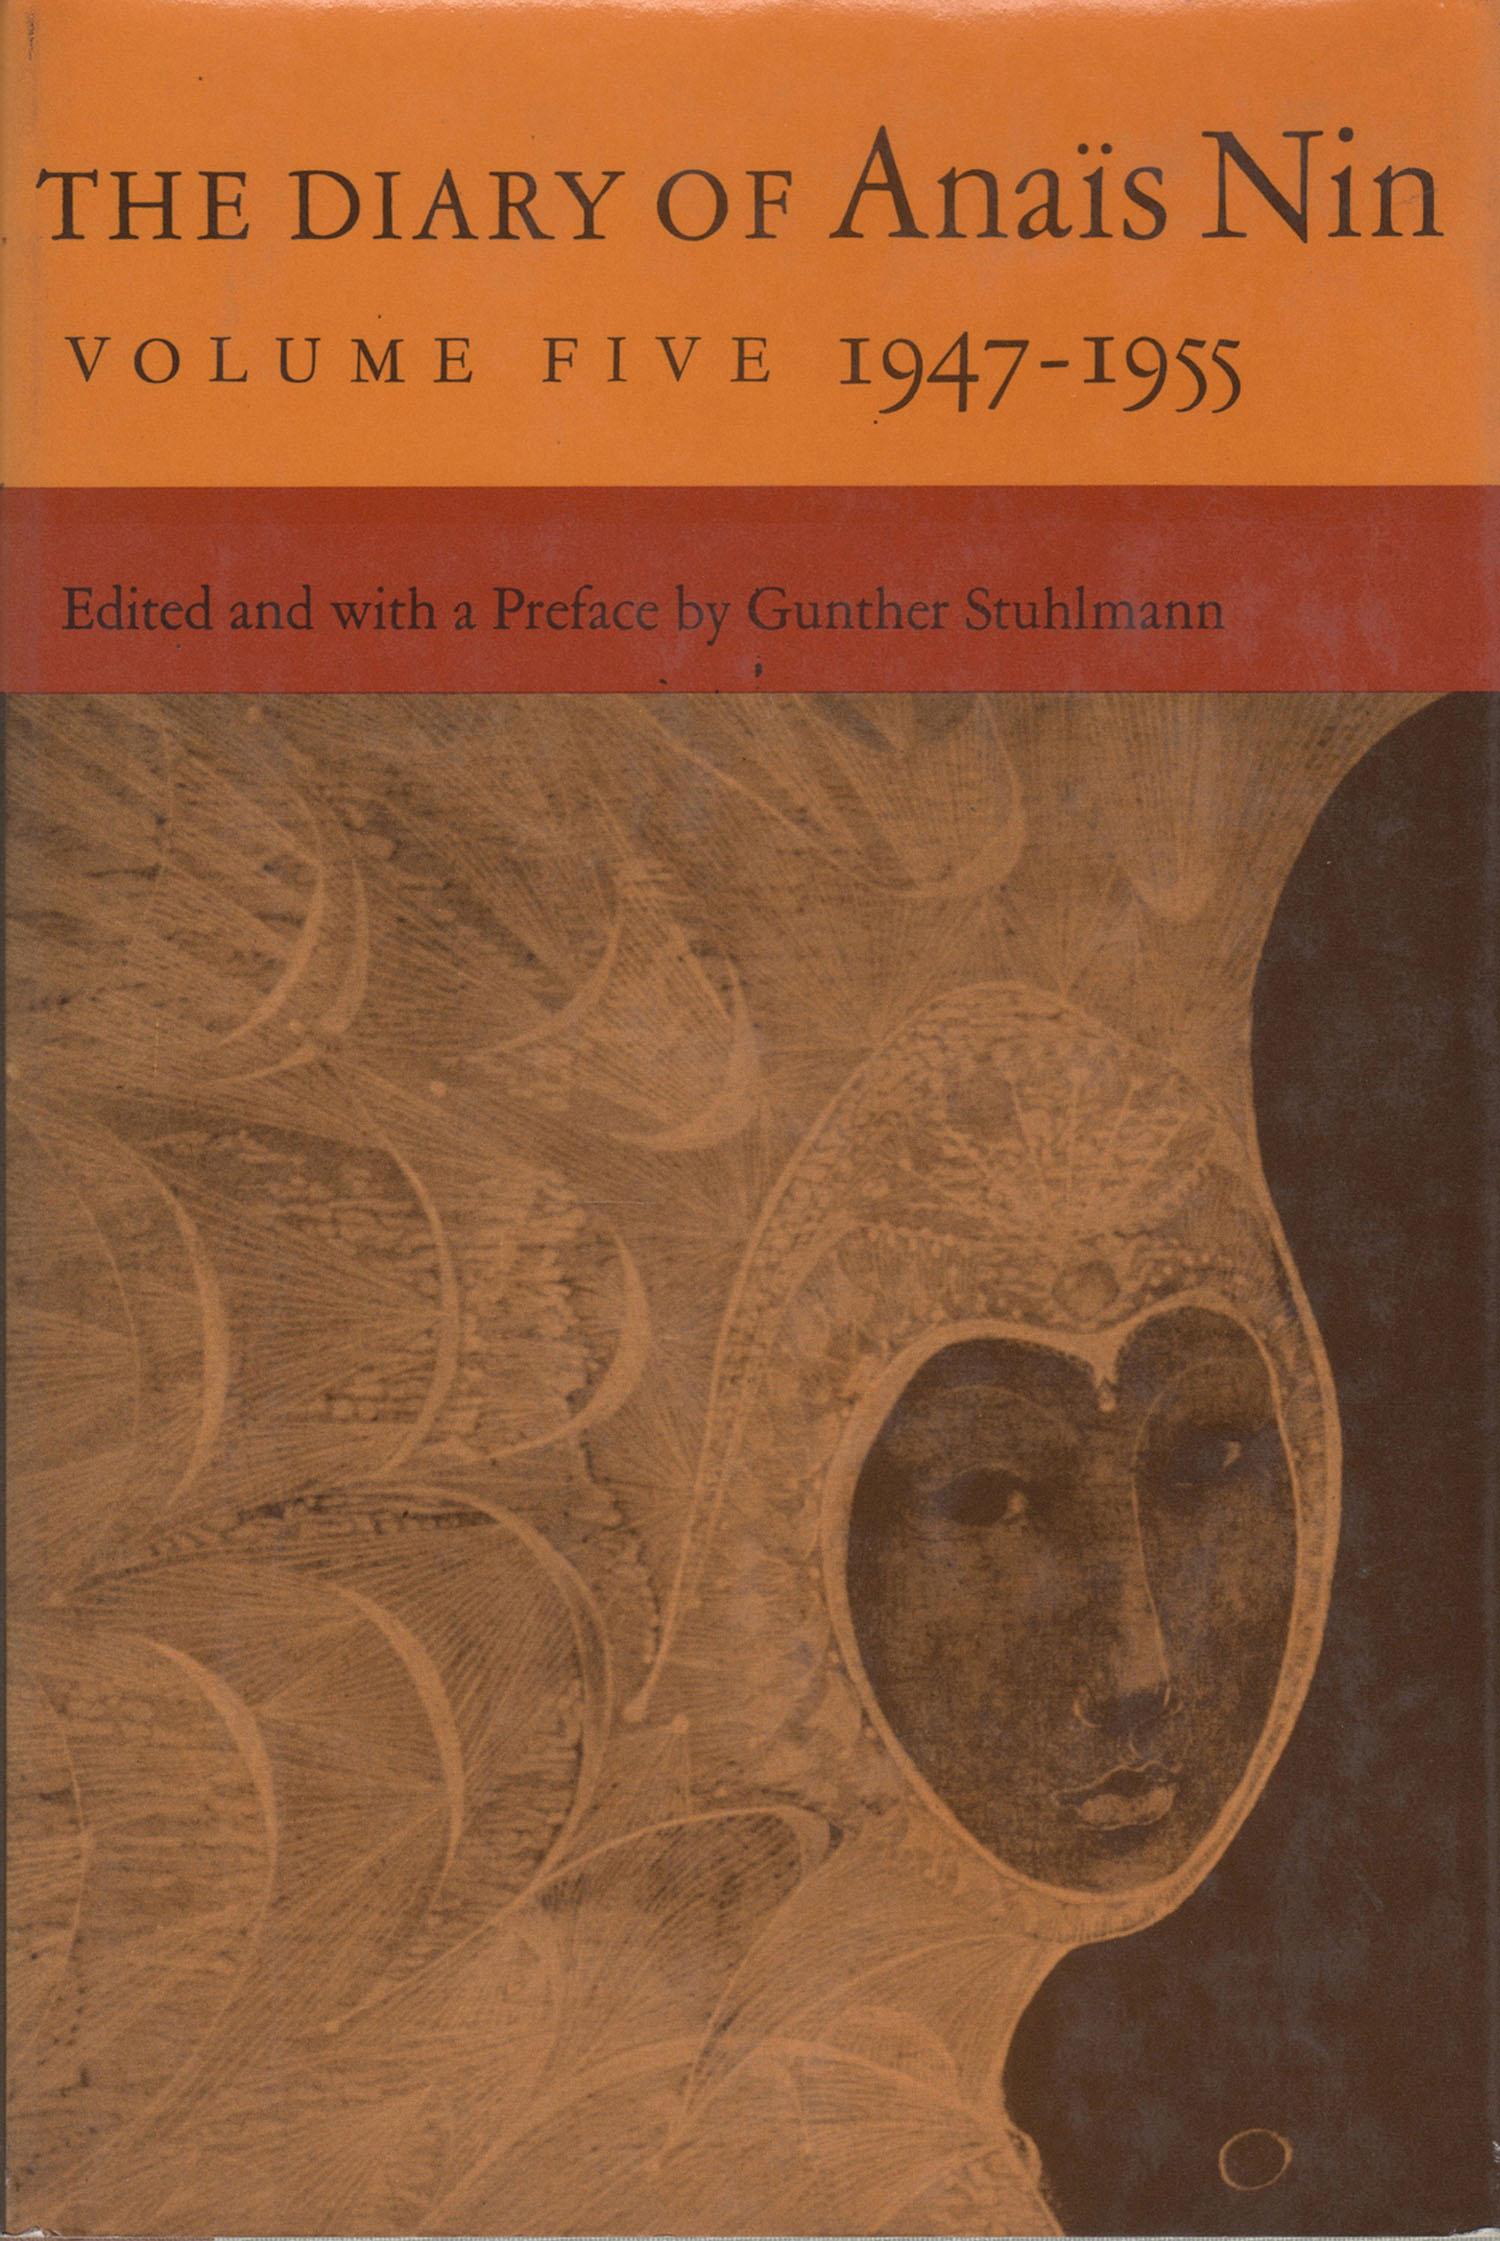 The Diary of Anais Nin Volume Five